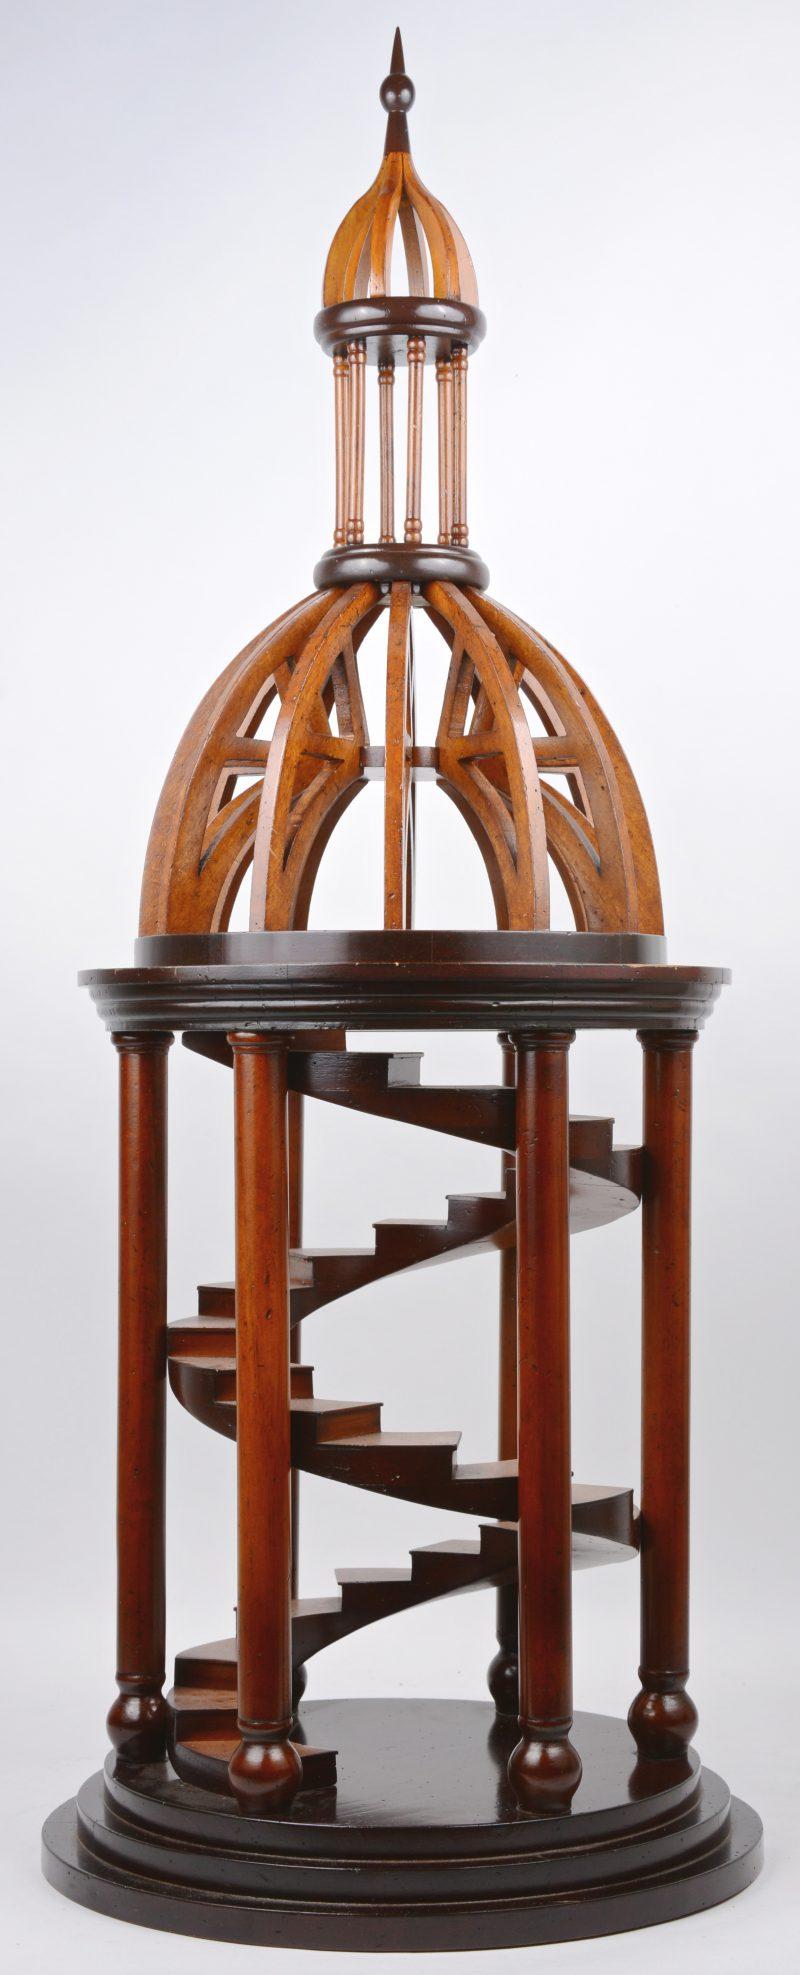 Een houten replica van een meesterstuk in de vorm van een trappenhuis.